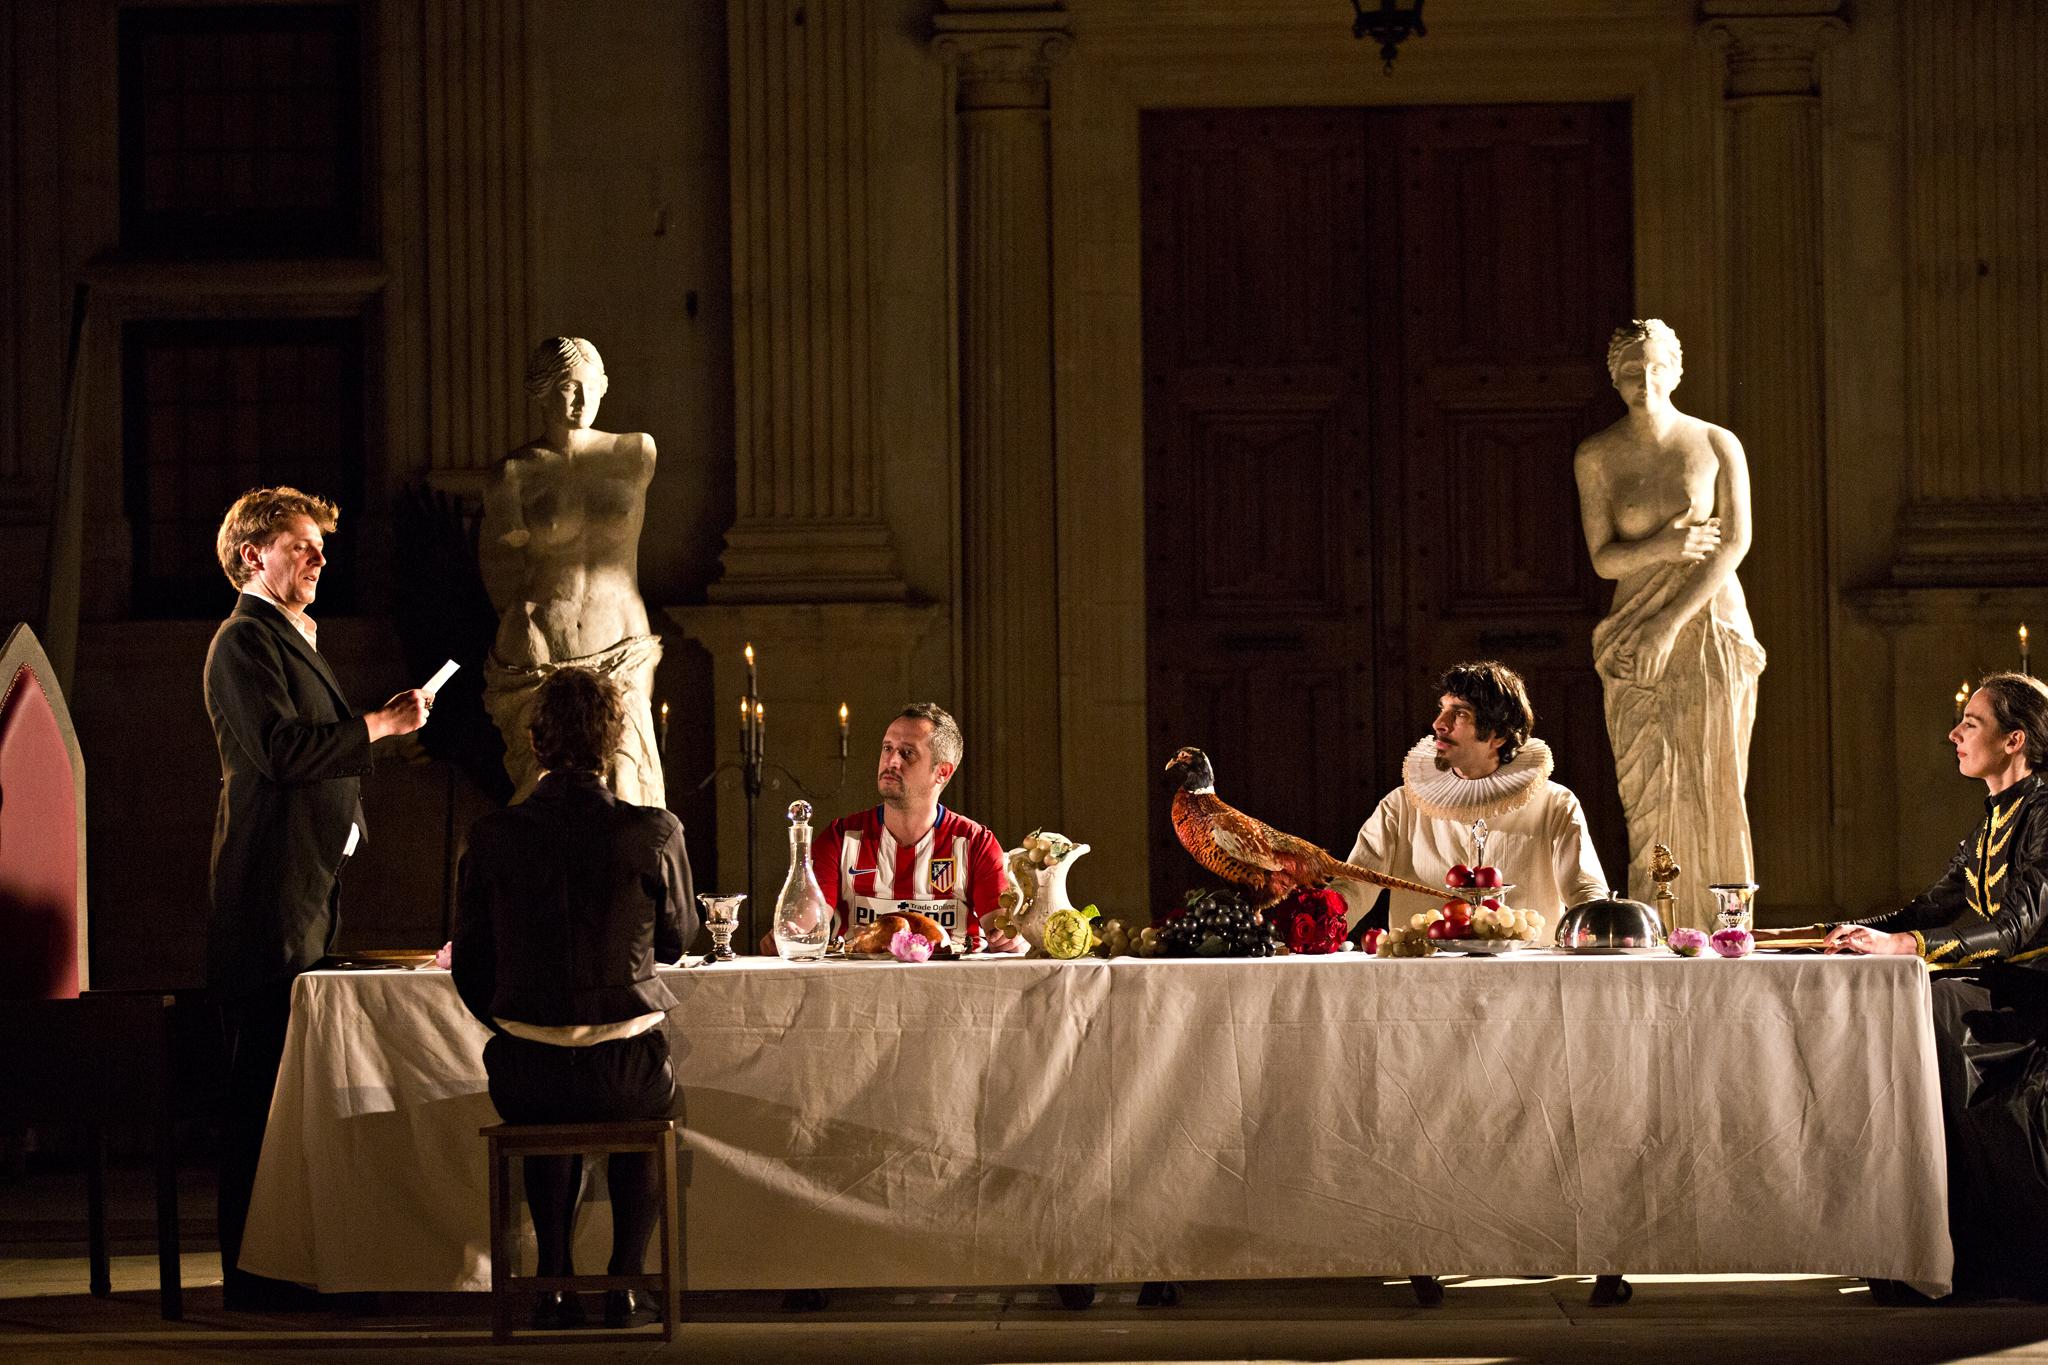 Don Quichotte - crédits photo: Jean-Louis Fernandez